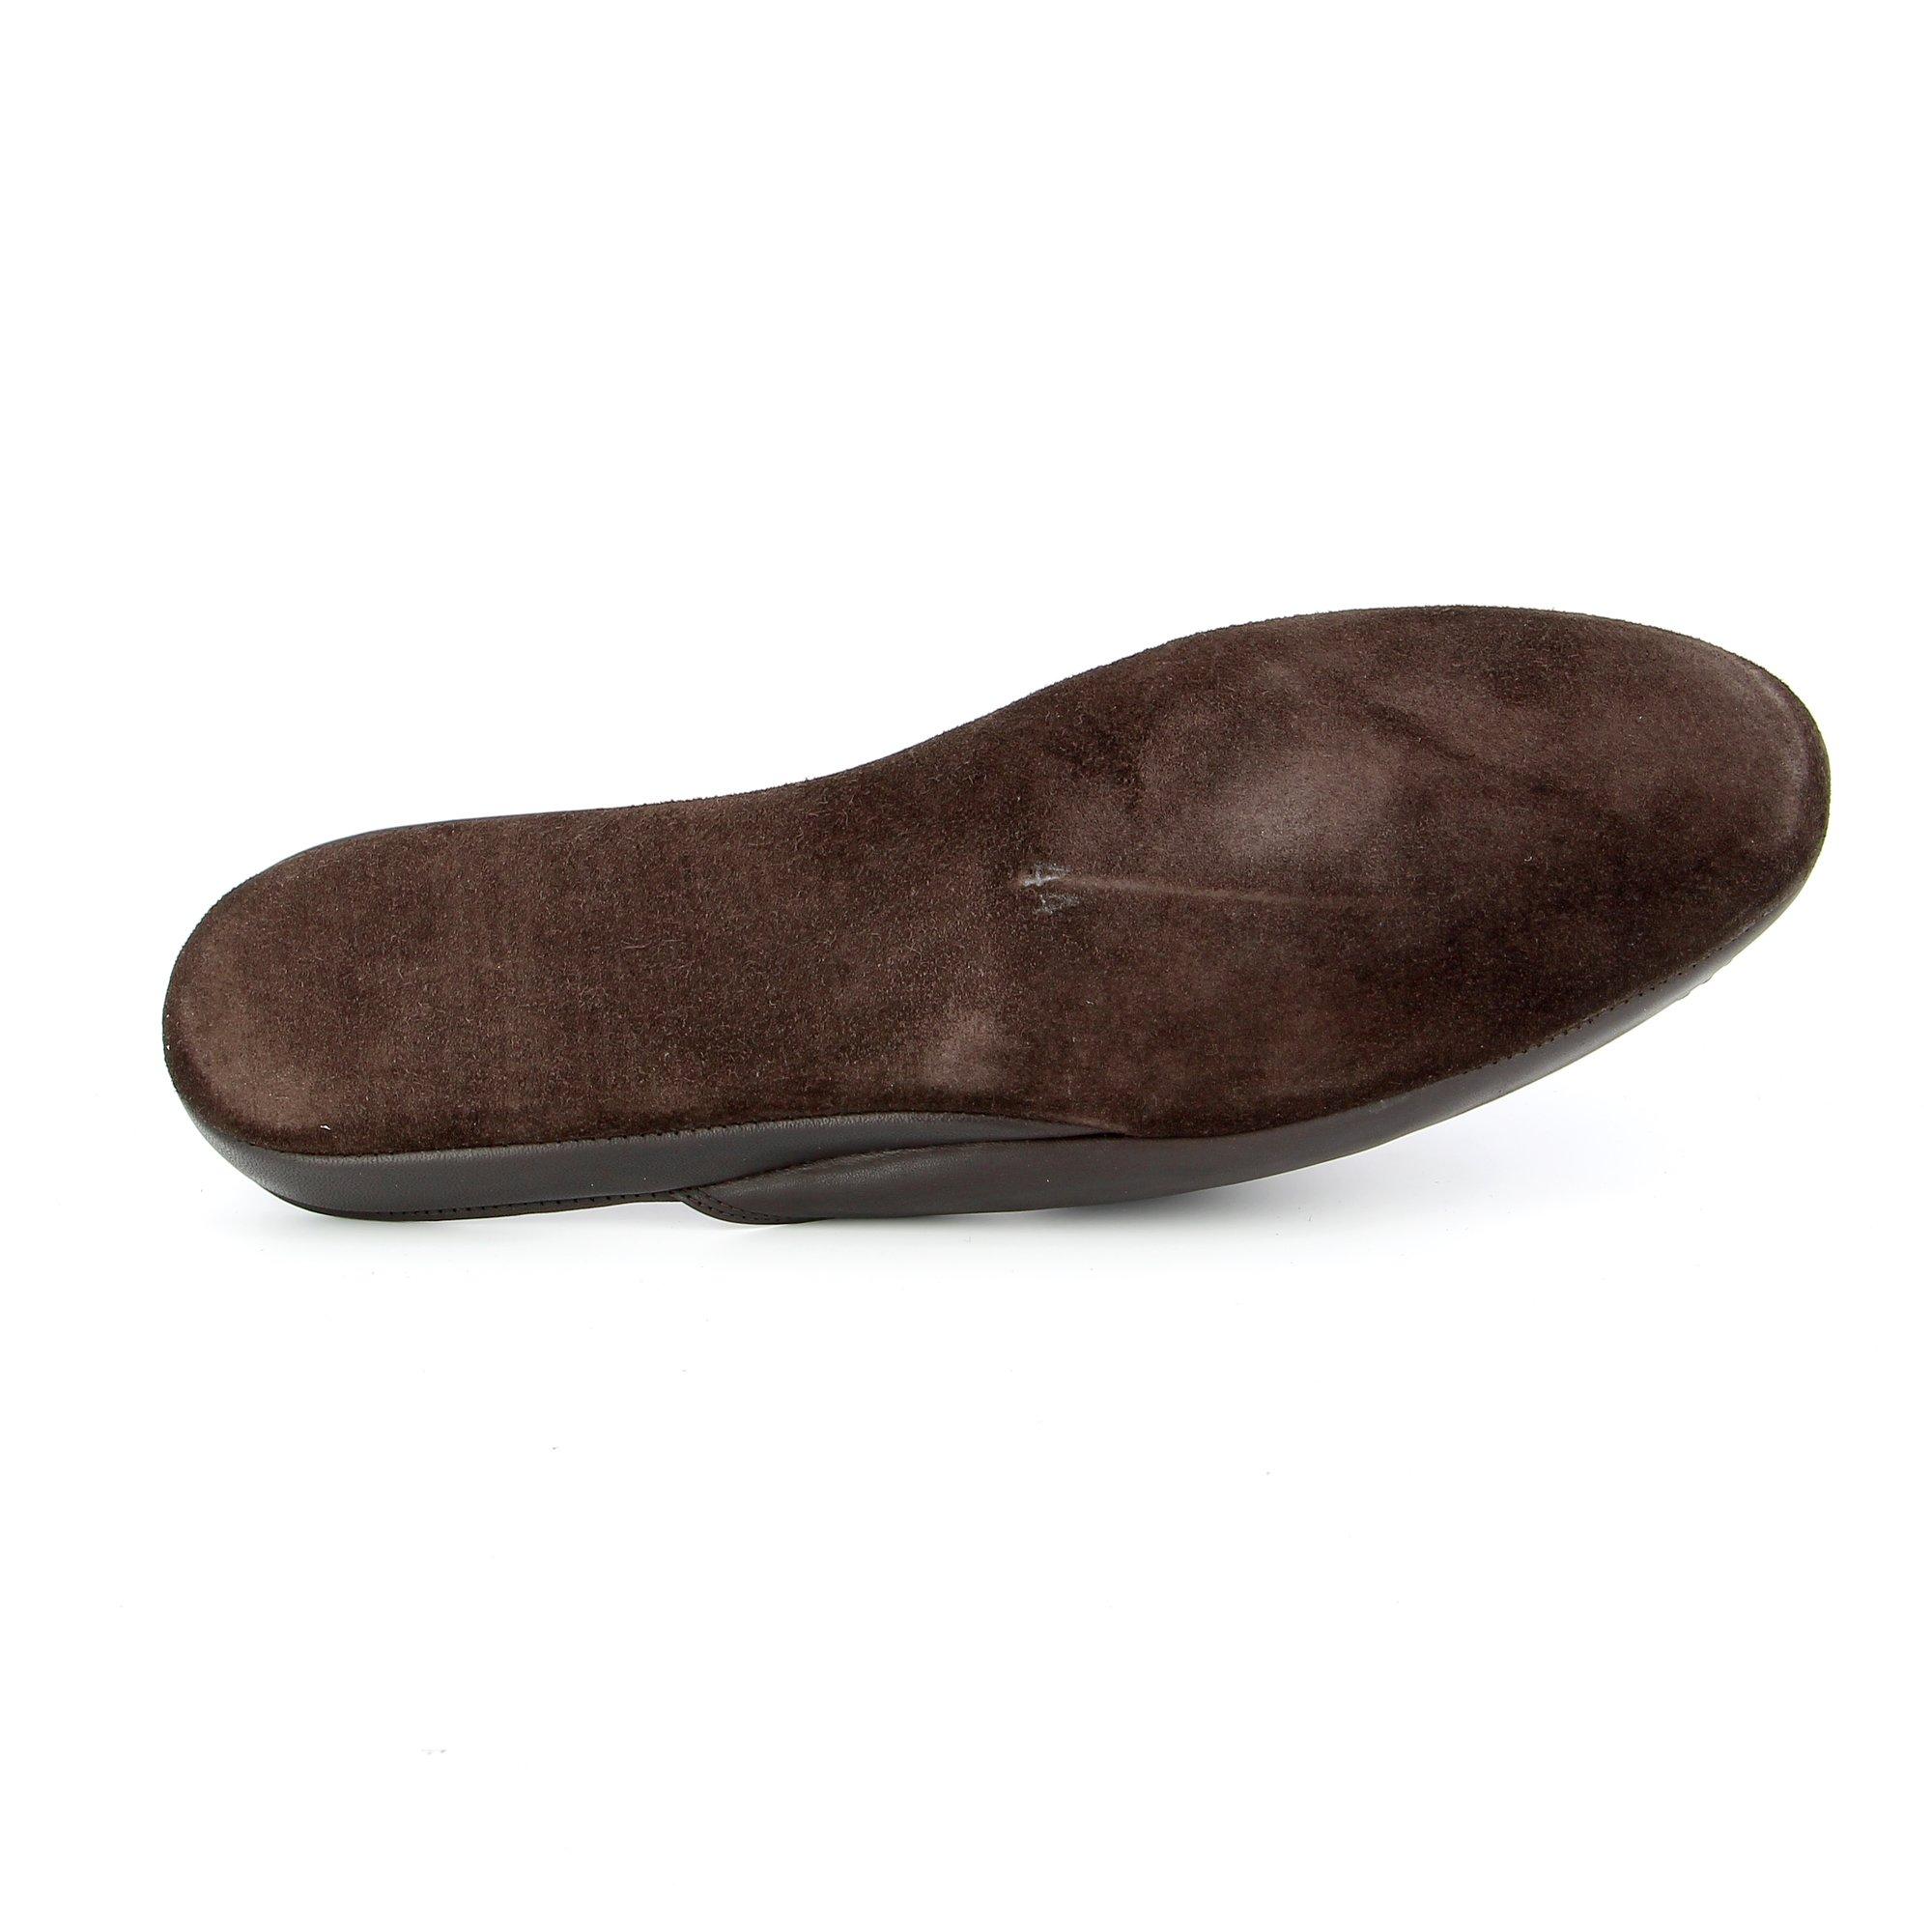 Sofacq Pantoufles brun